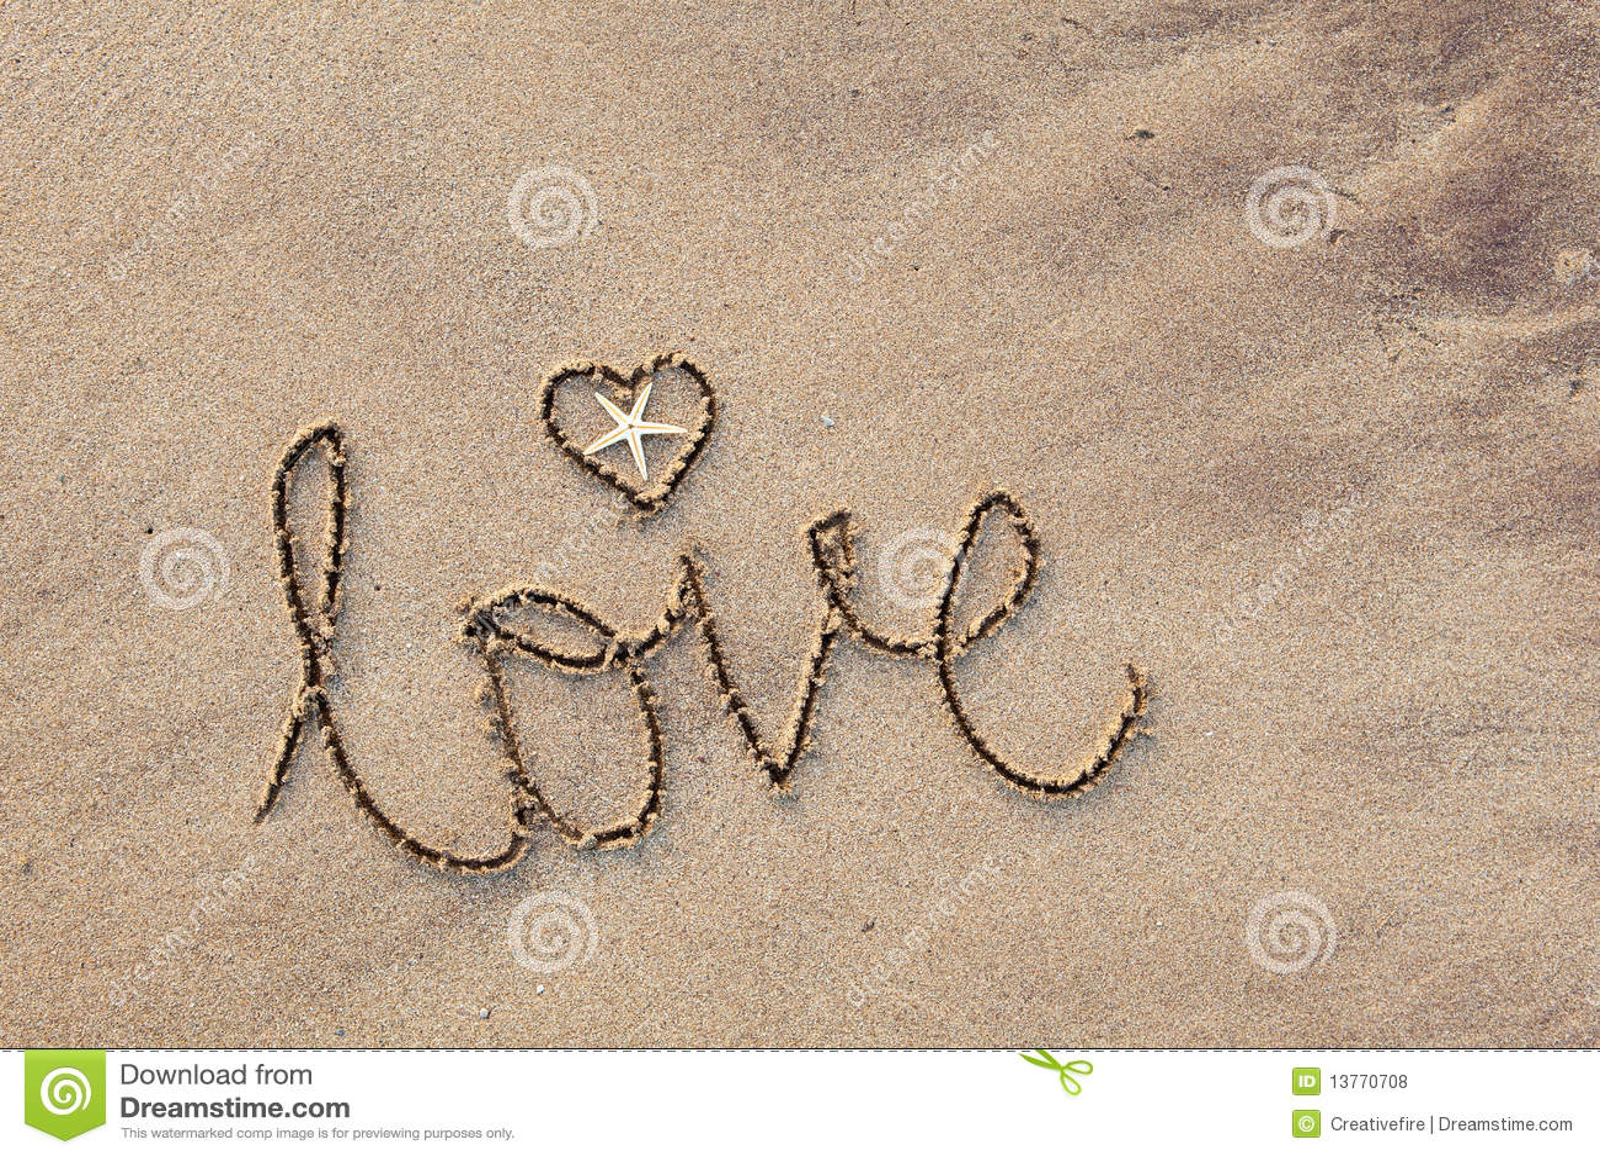 La Palabra Te Amo Escrito En La Arena: Amor Escrito En Arena